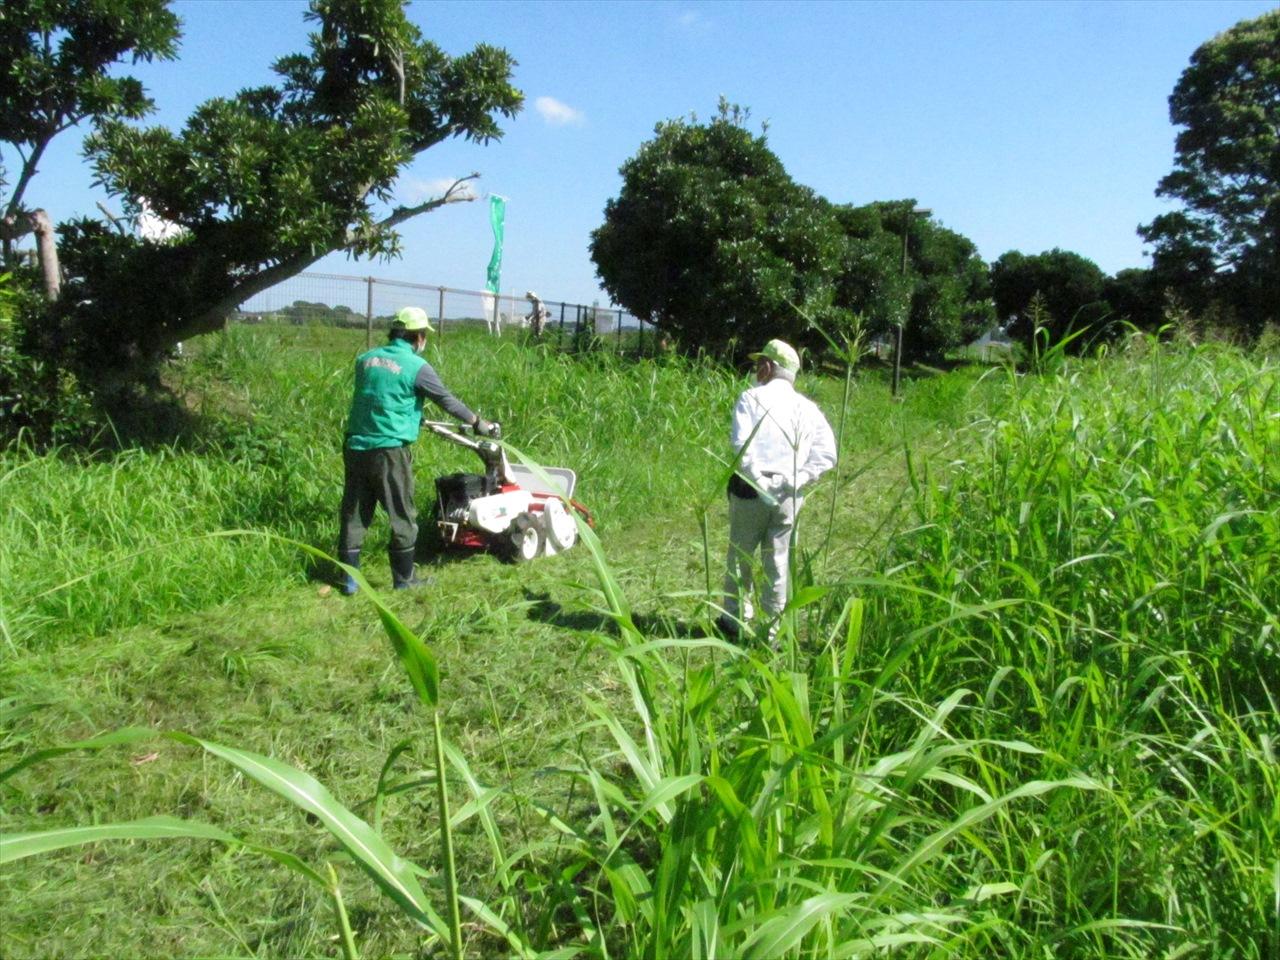 自走式草刈り機講習